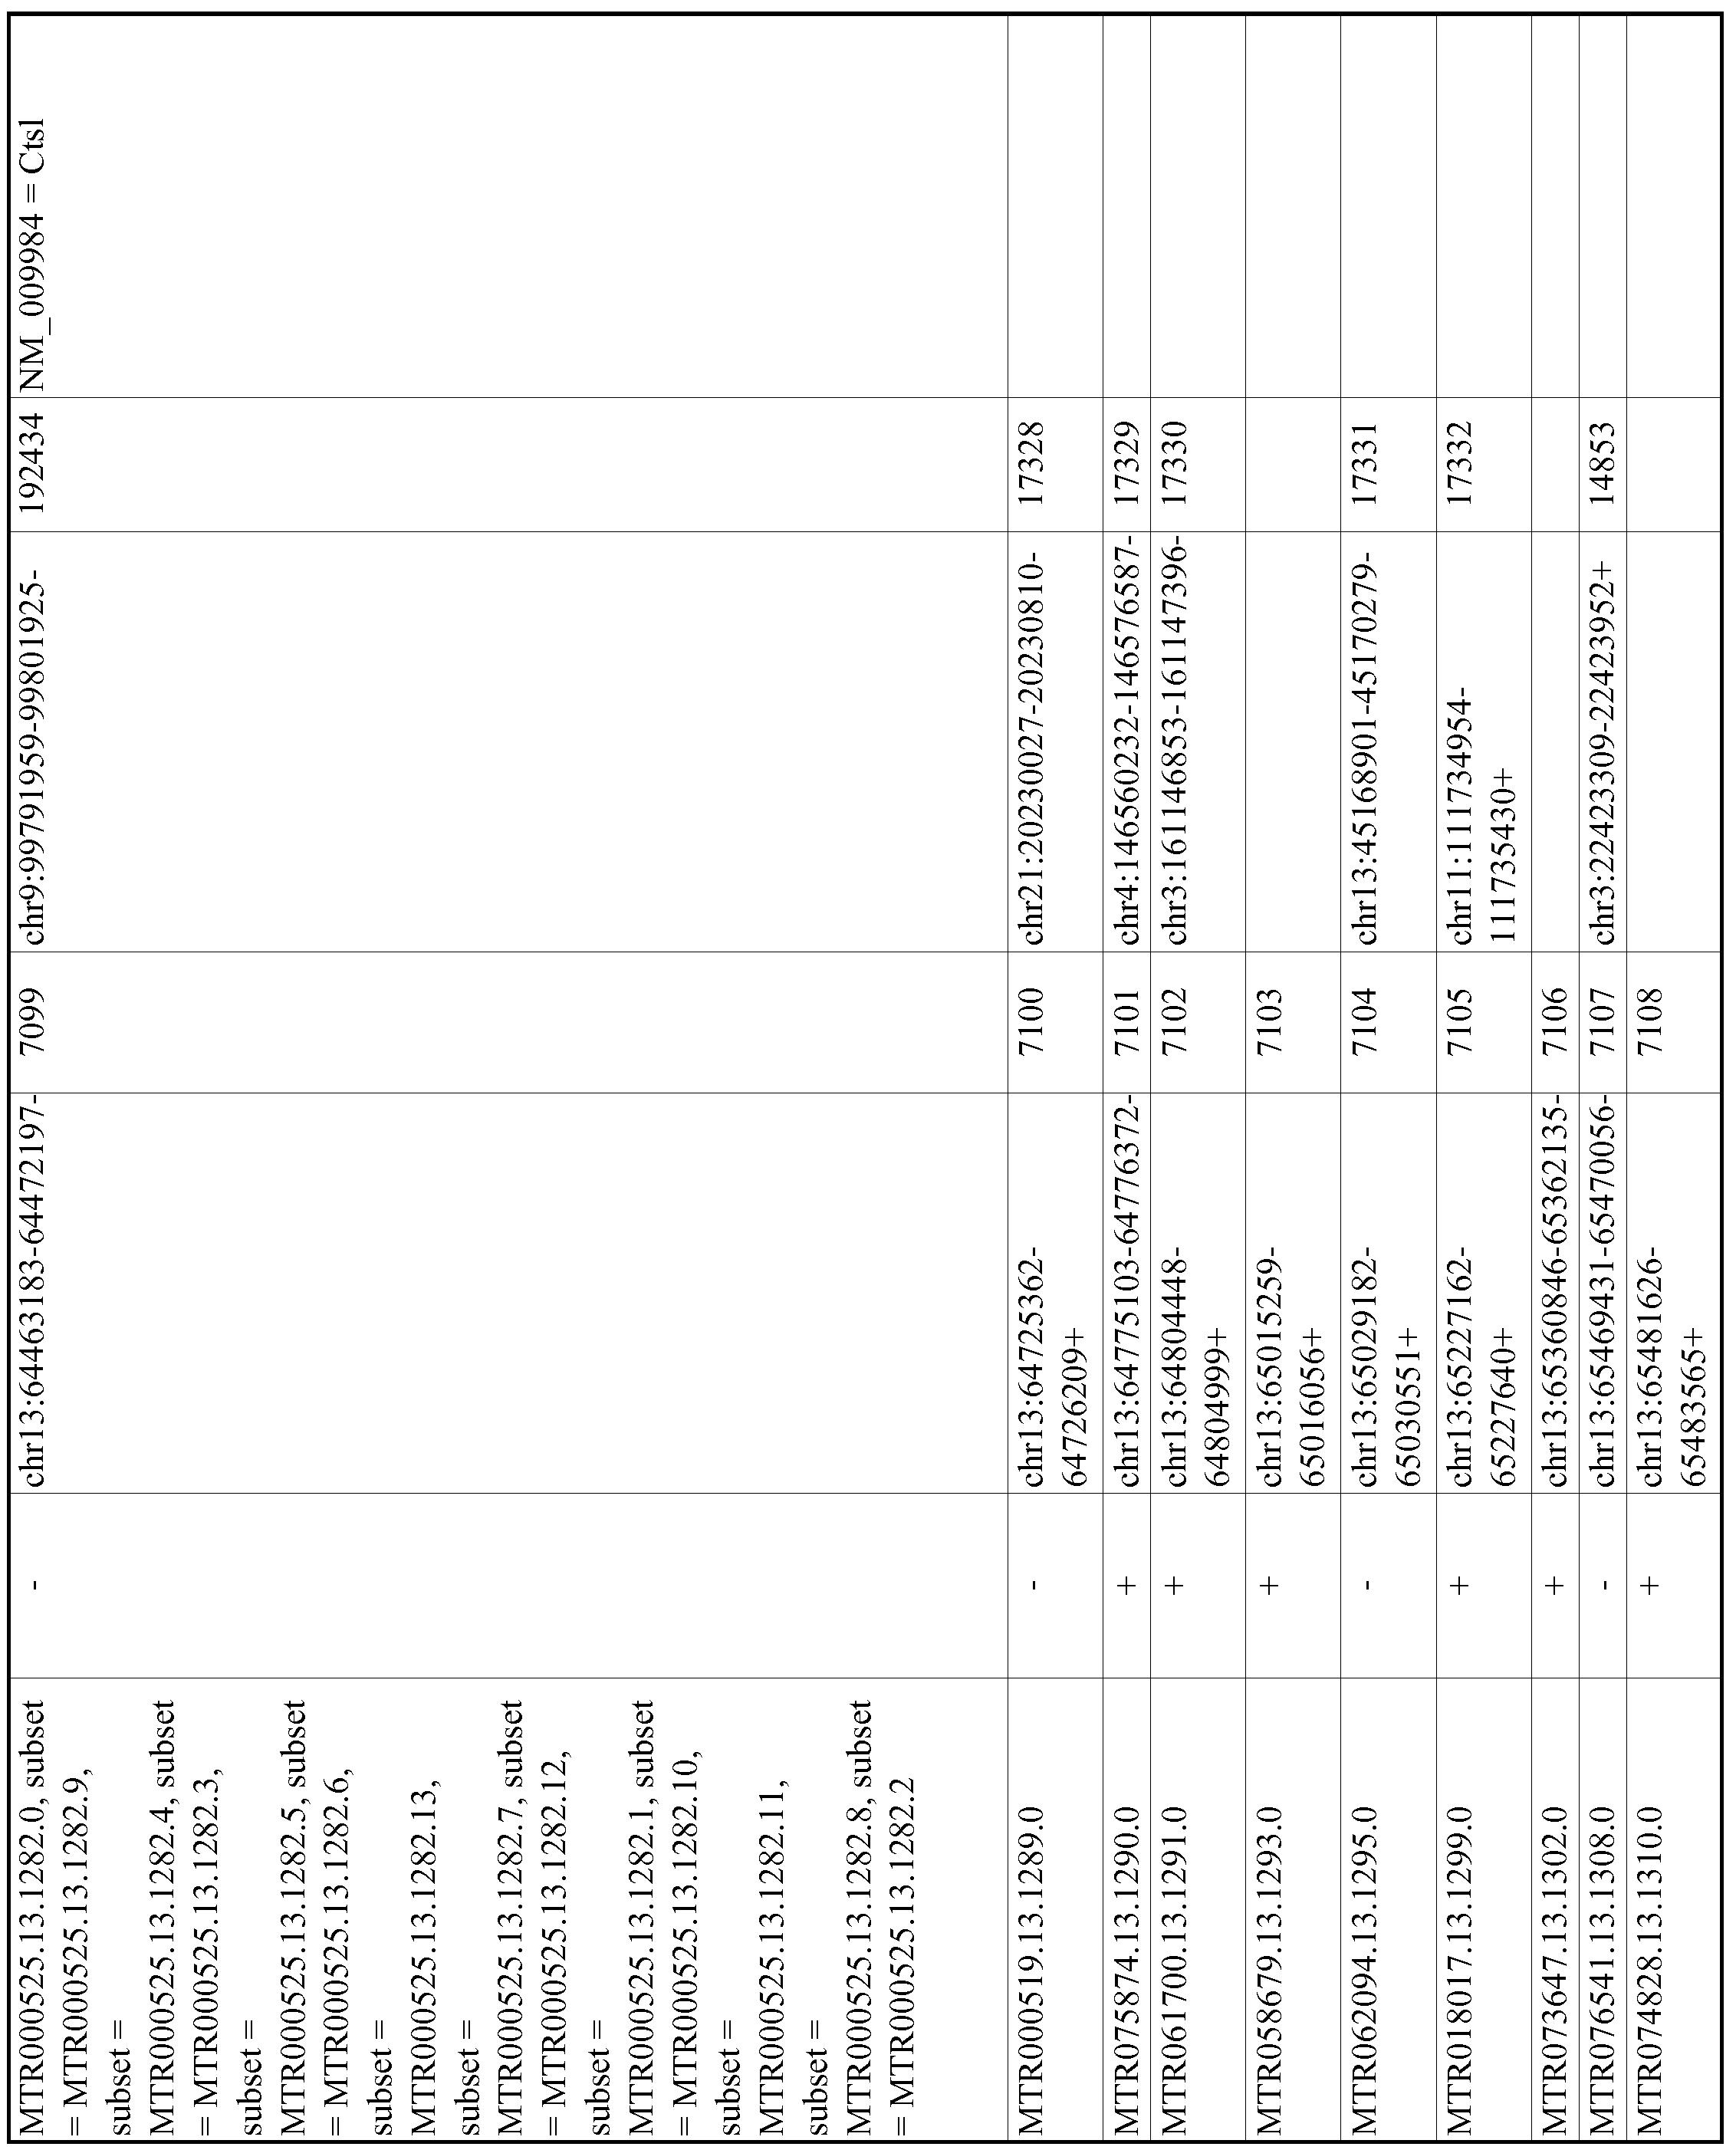 Figure imgf001250_0001